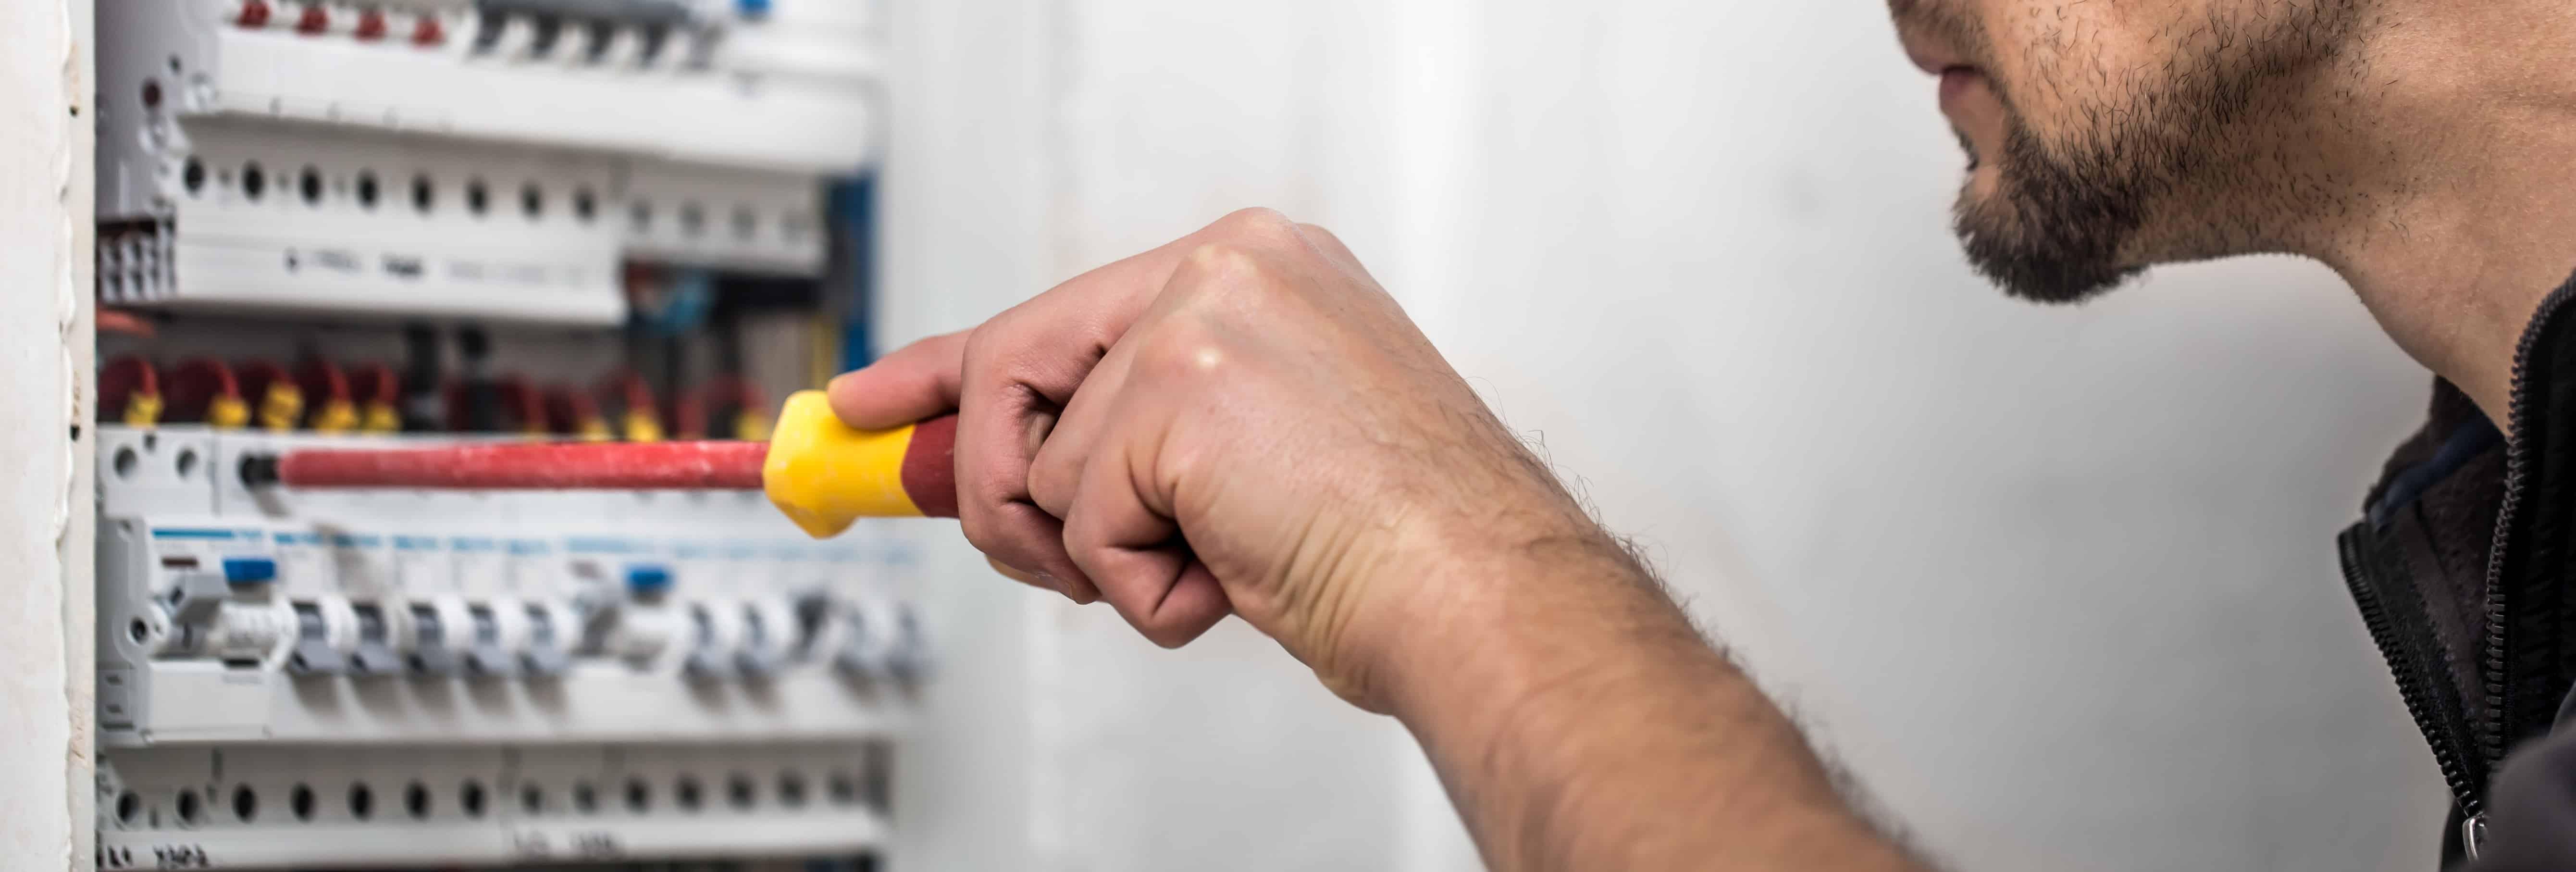 Contrôle électrique lors de la vente : Installation électrique à refaire dans les 12 ou 18 mois ?